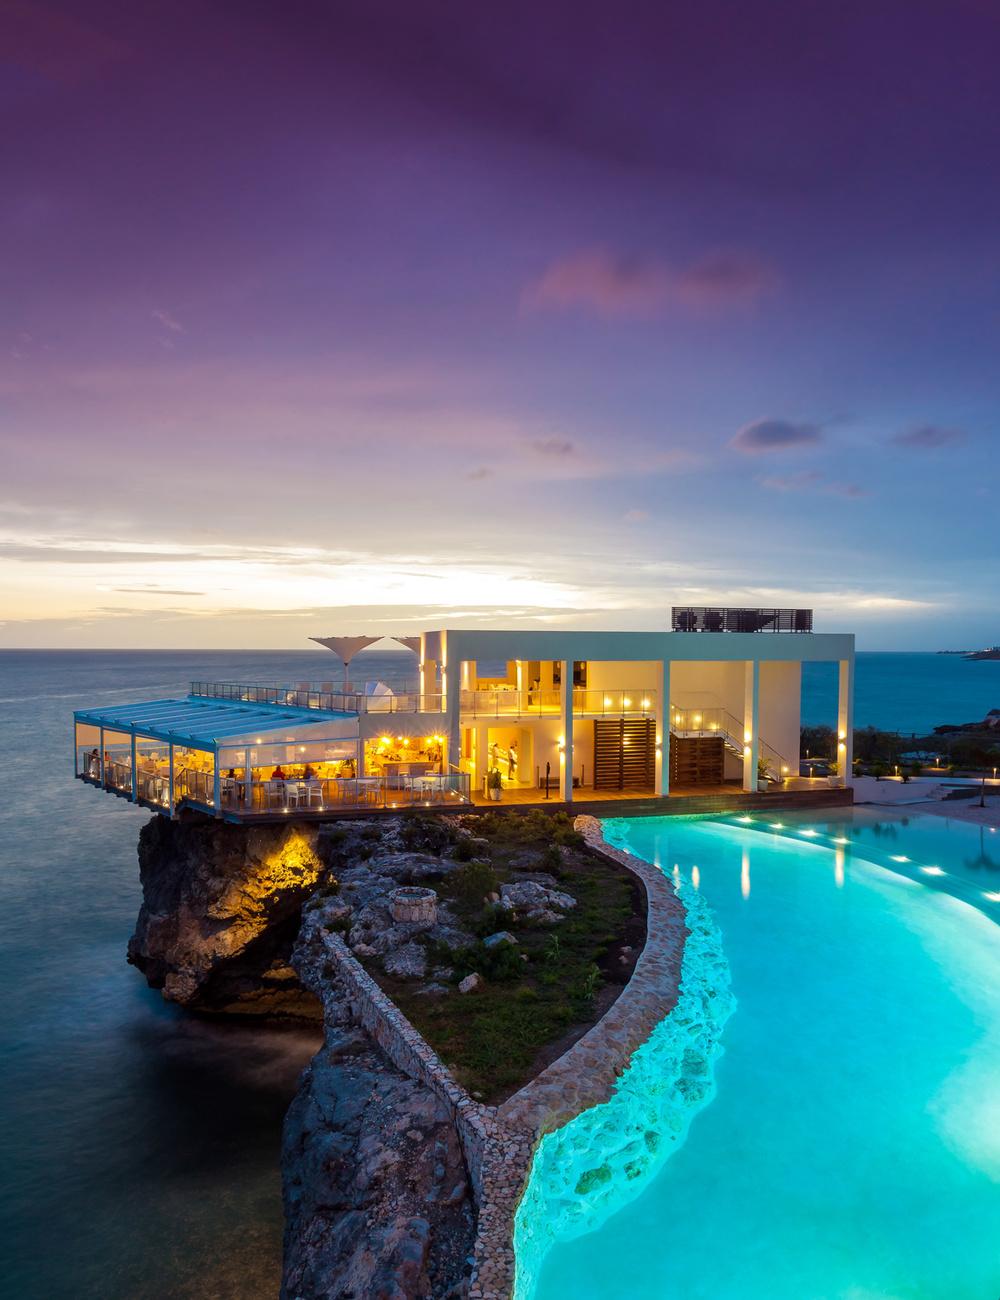 Azul Restaurant at Ocean Point Resort